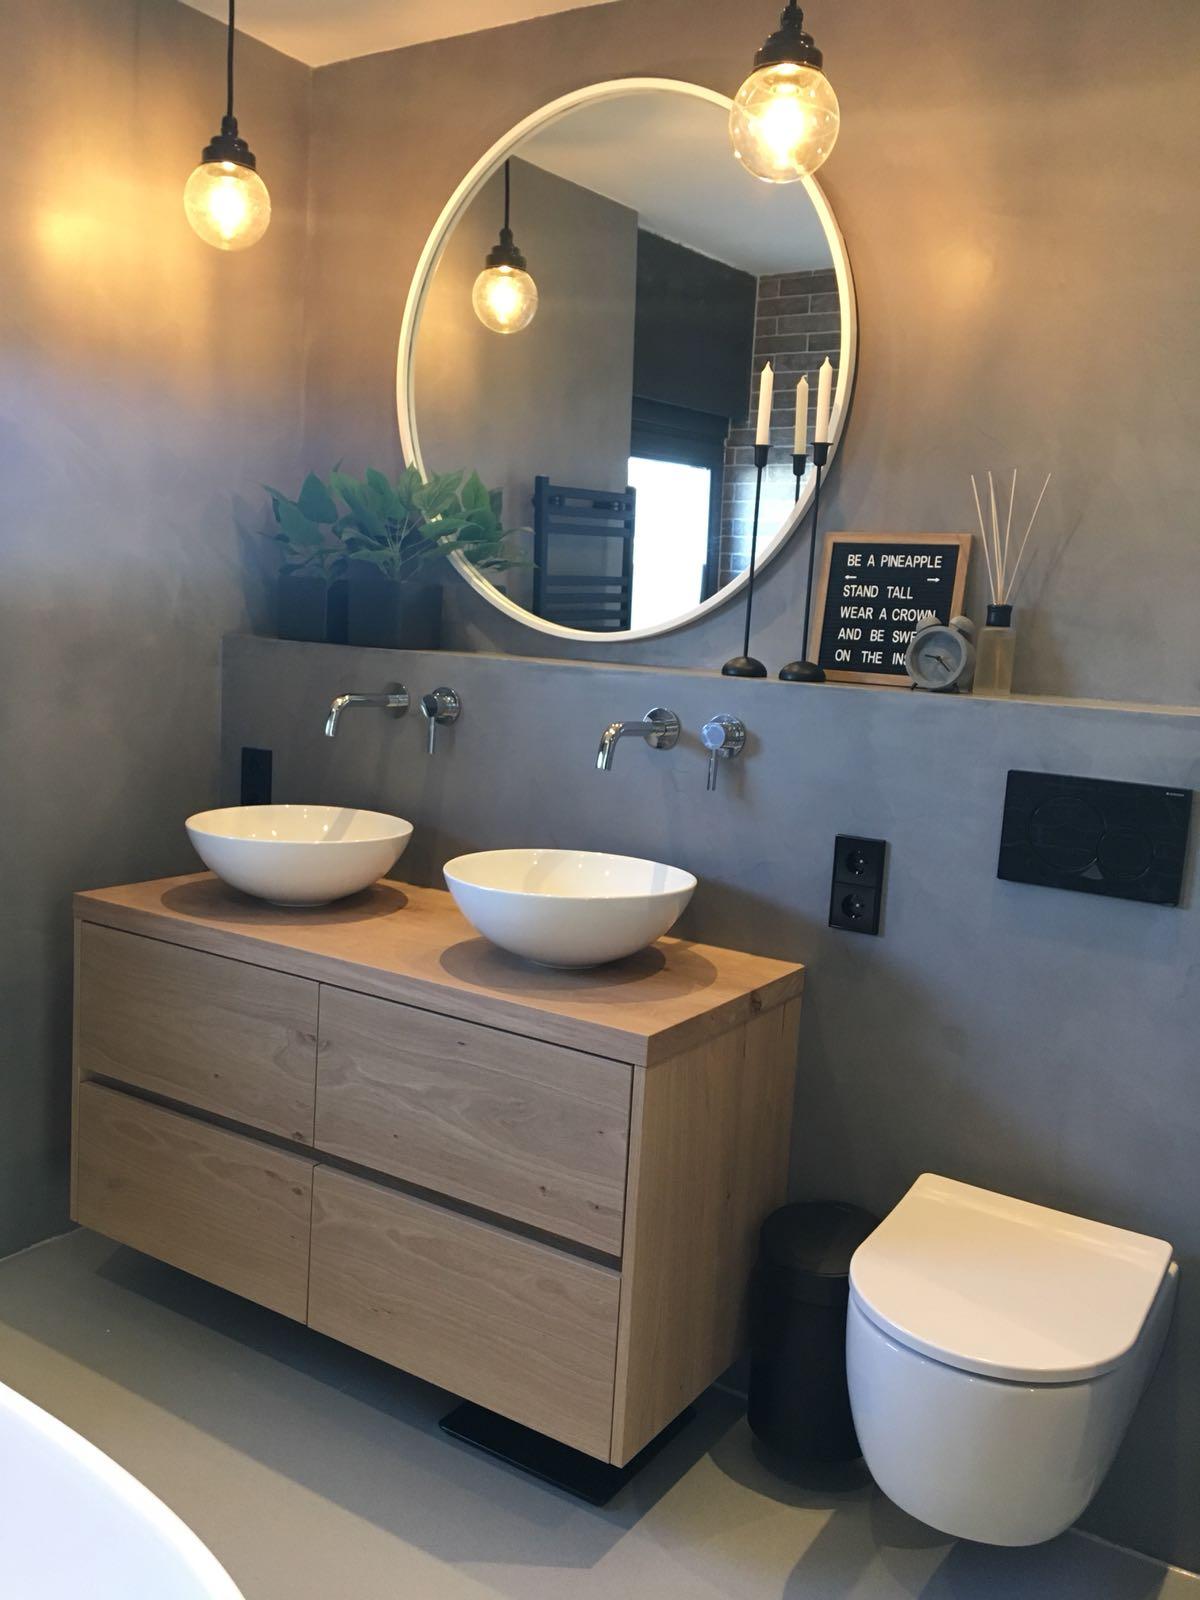 badkamer renovatie met beton cire bulder klusbedrijf. Black Bedroom Furniture Sets. Home Design Ideas